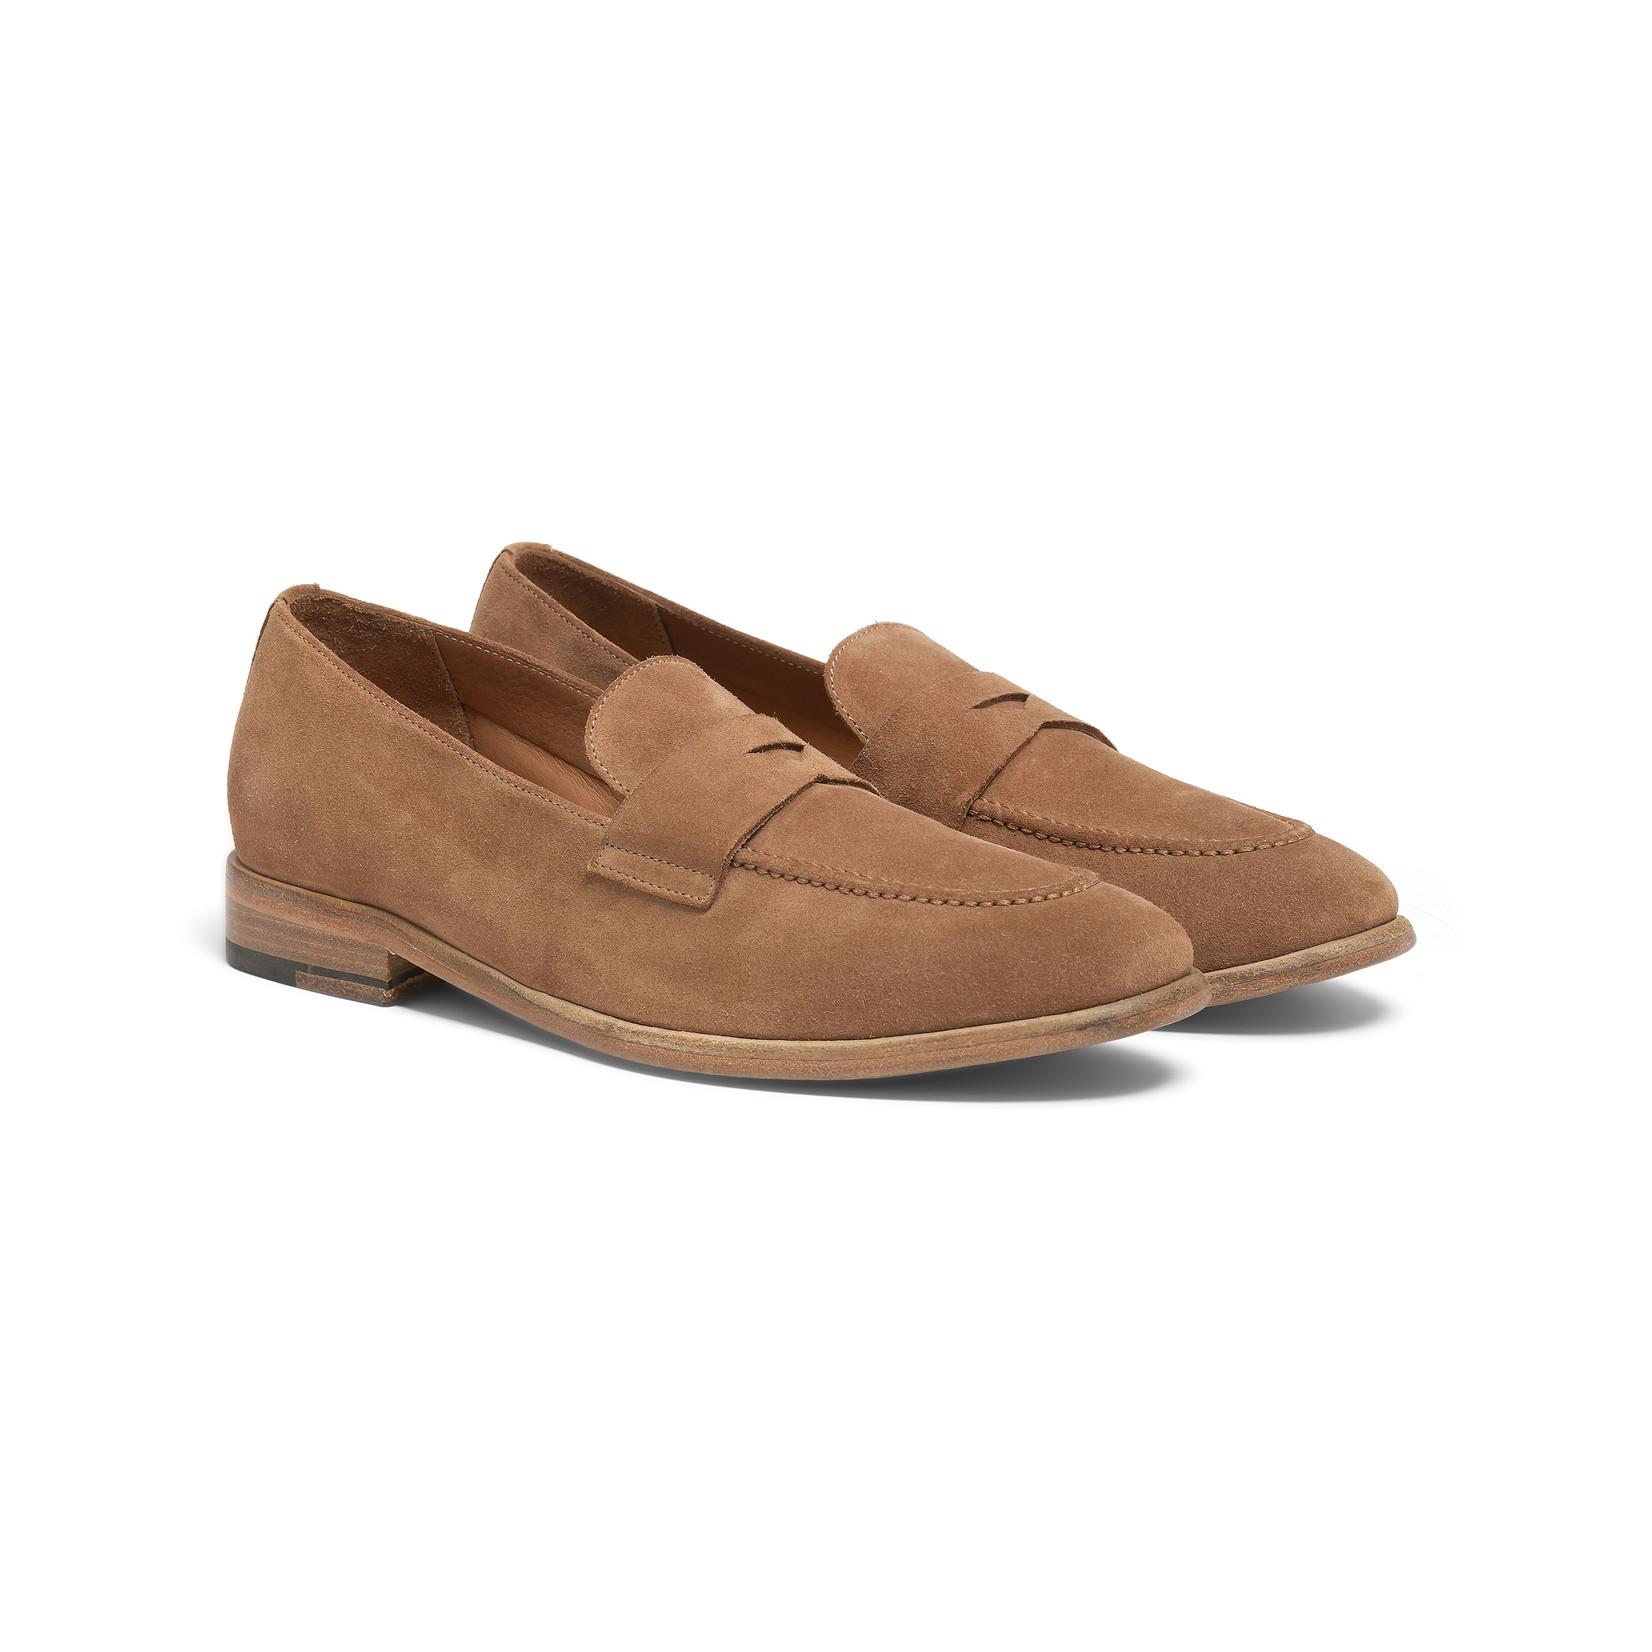 Sturlini Sturlini loafer